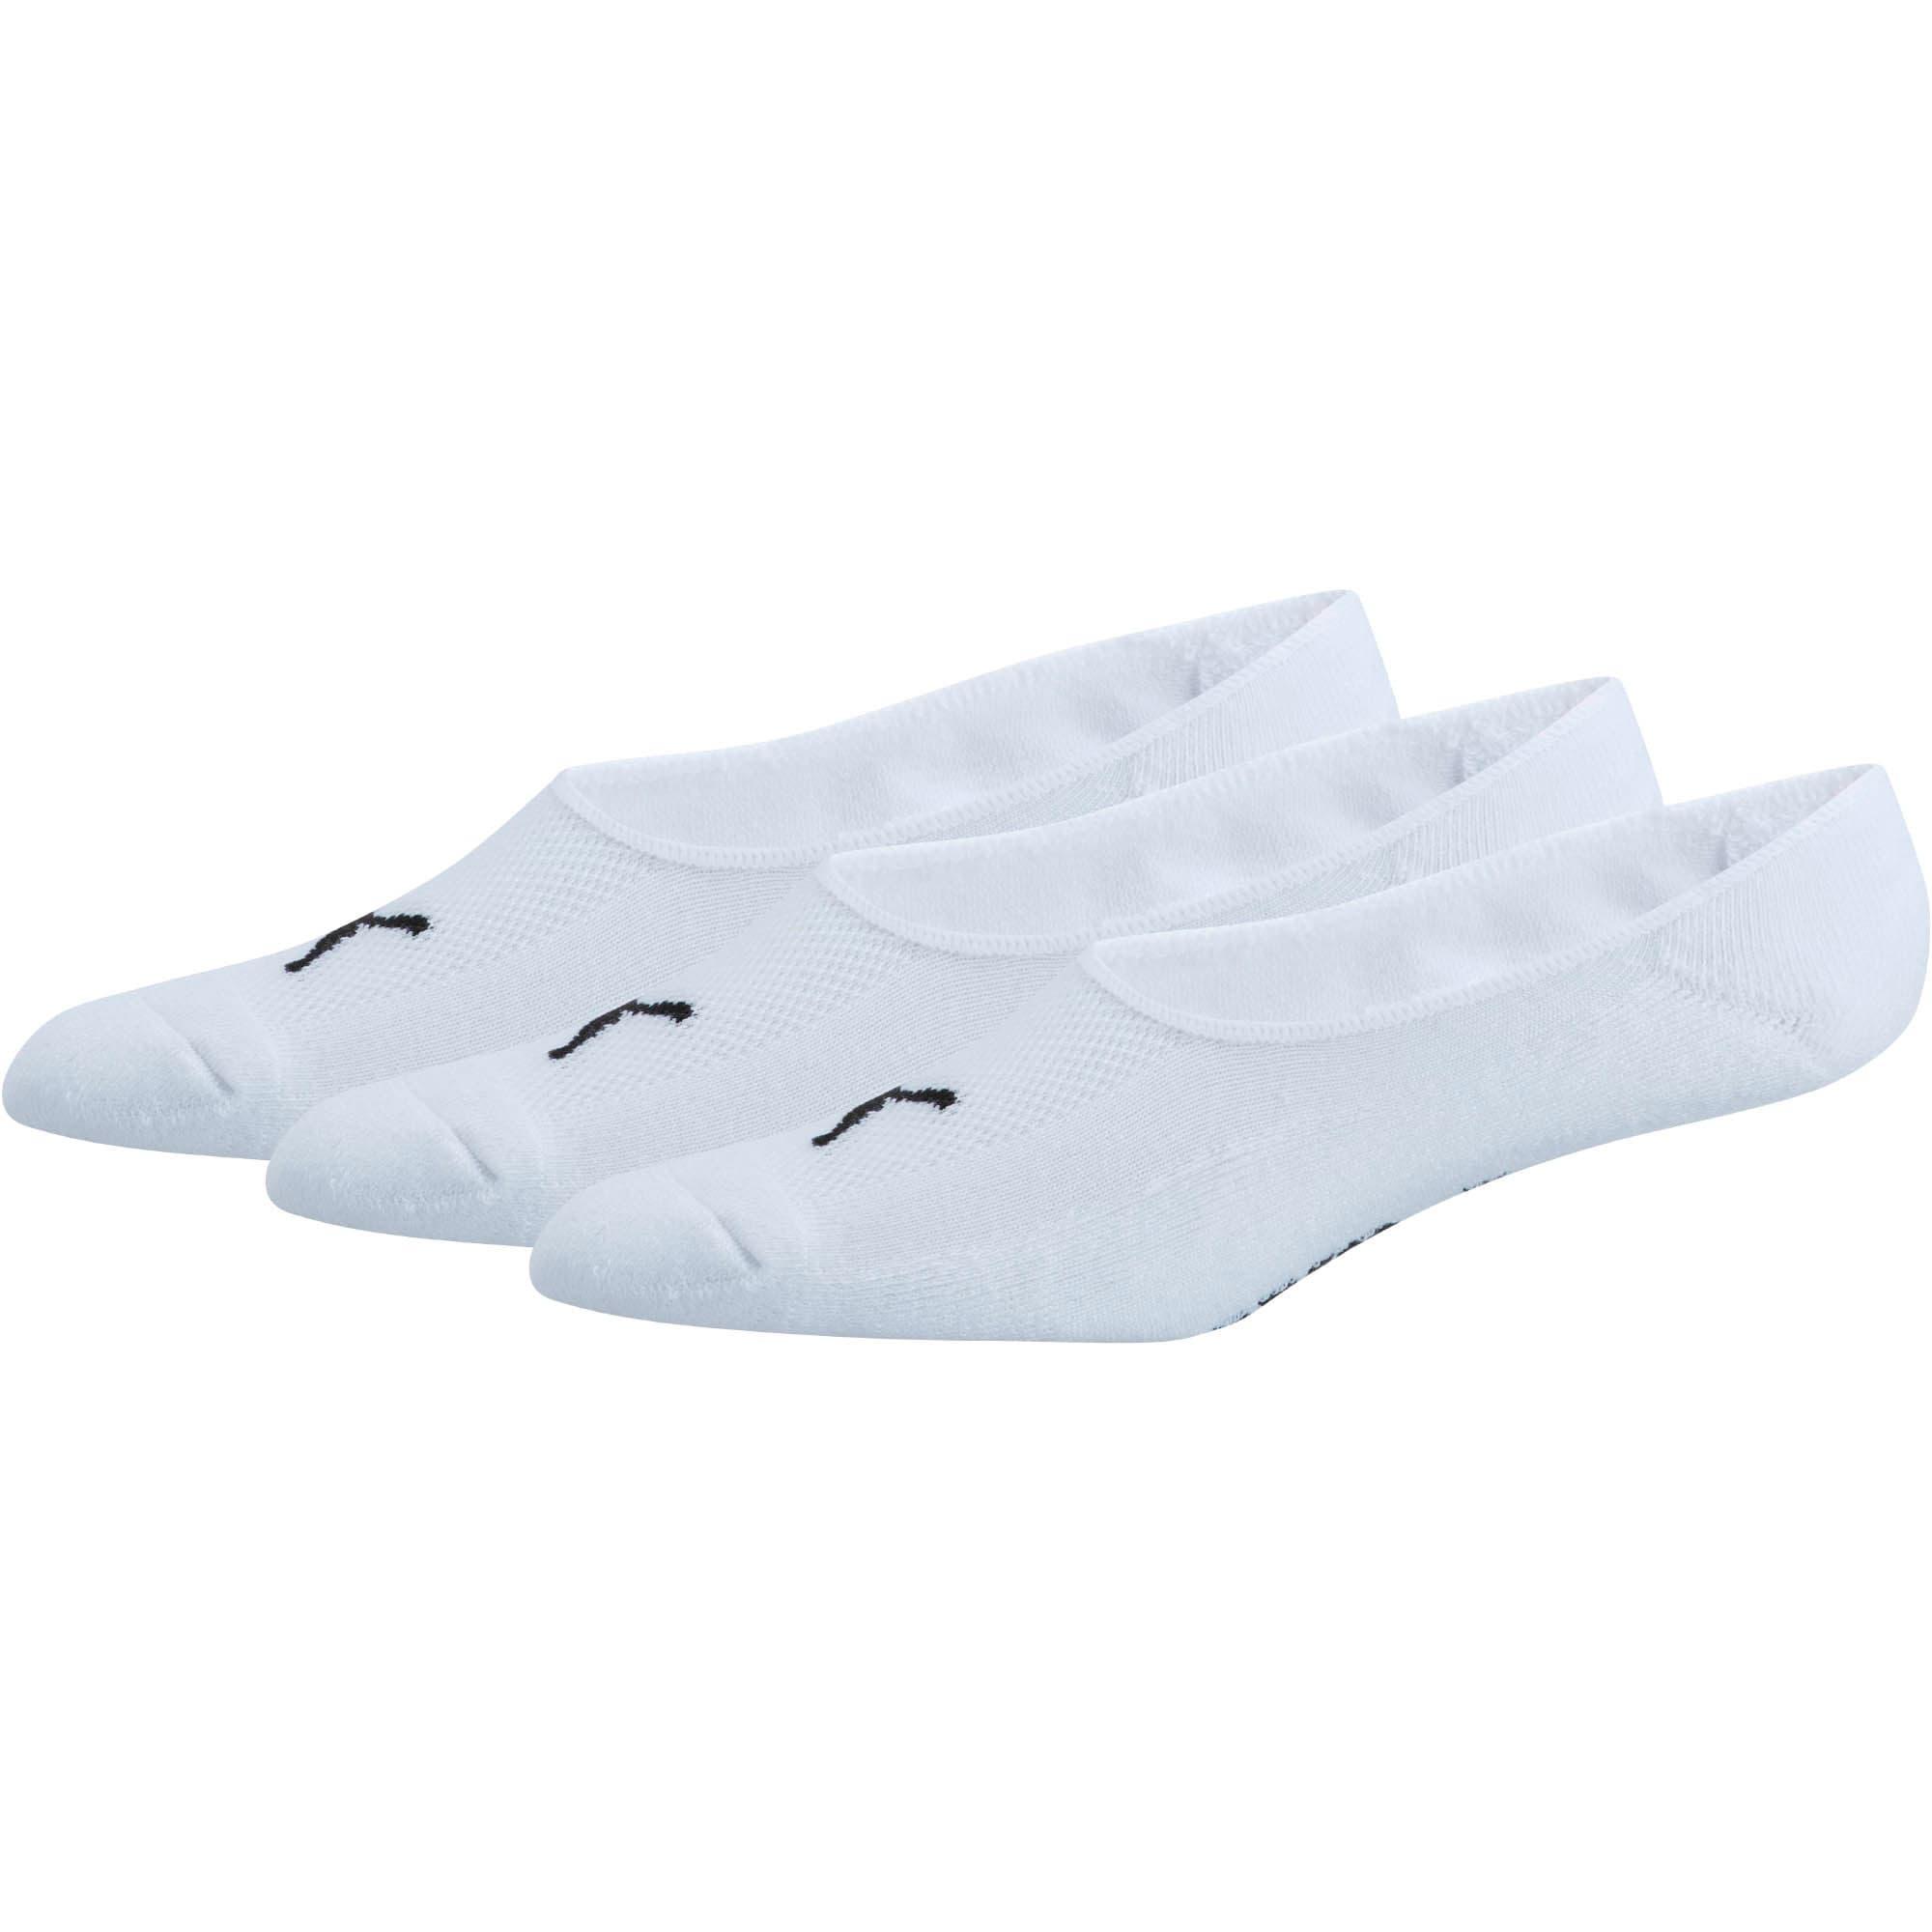 Miniatura 1 de Calcetines para hombre Liner (paquete de 3), blanco-negro, mediano